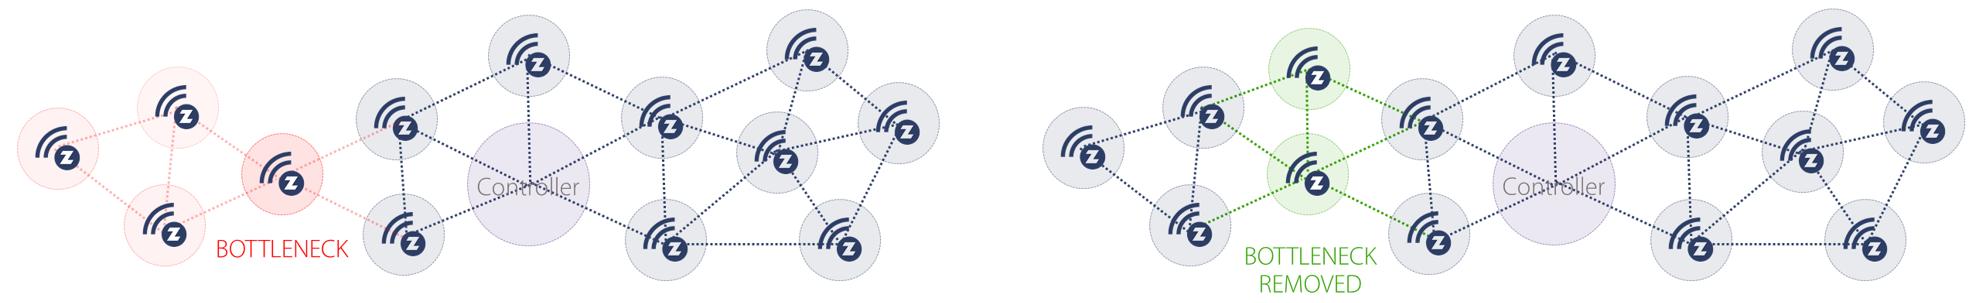 Z-Wave Mesh Network Bottleneck